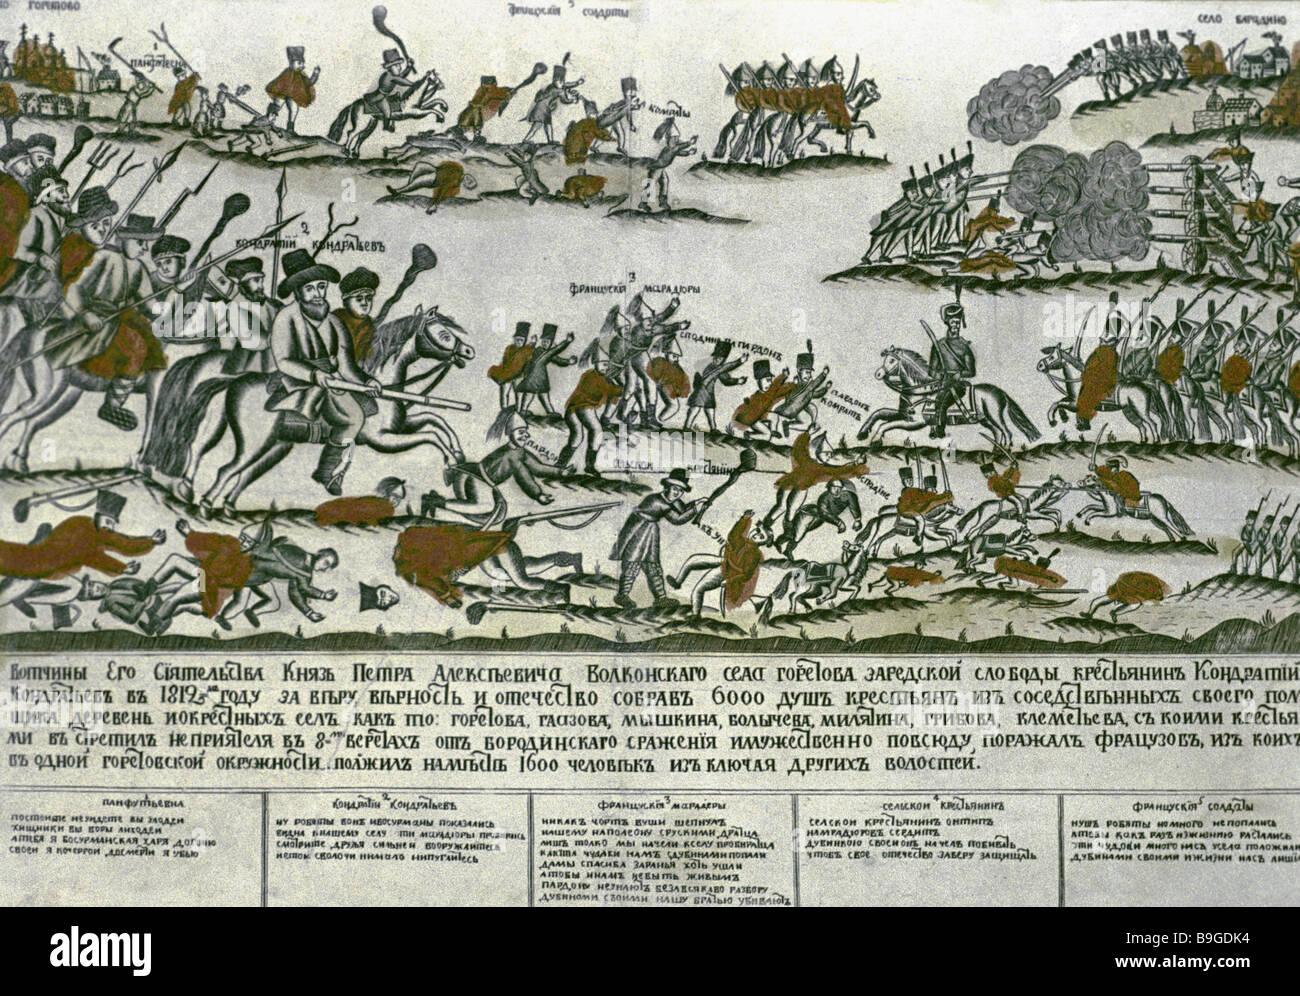 Lubok beliebte Print in Holzschnitt Reproduktion Mozhaisk Bauern und Partisanen im Jahr 1812 Kupfer Platte Gravur Stockbild